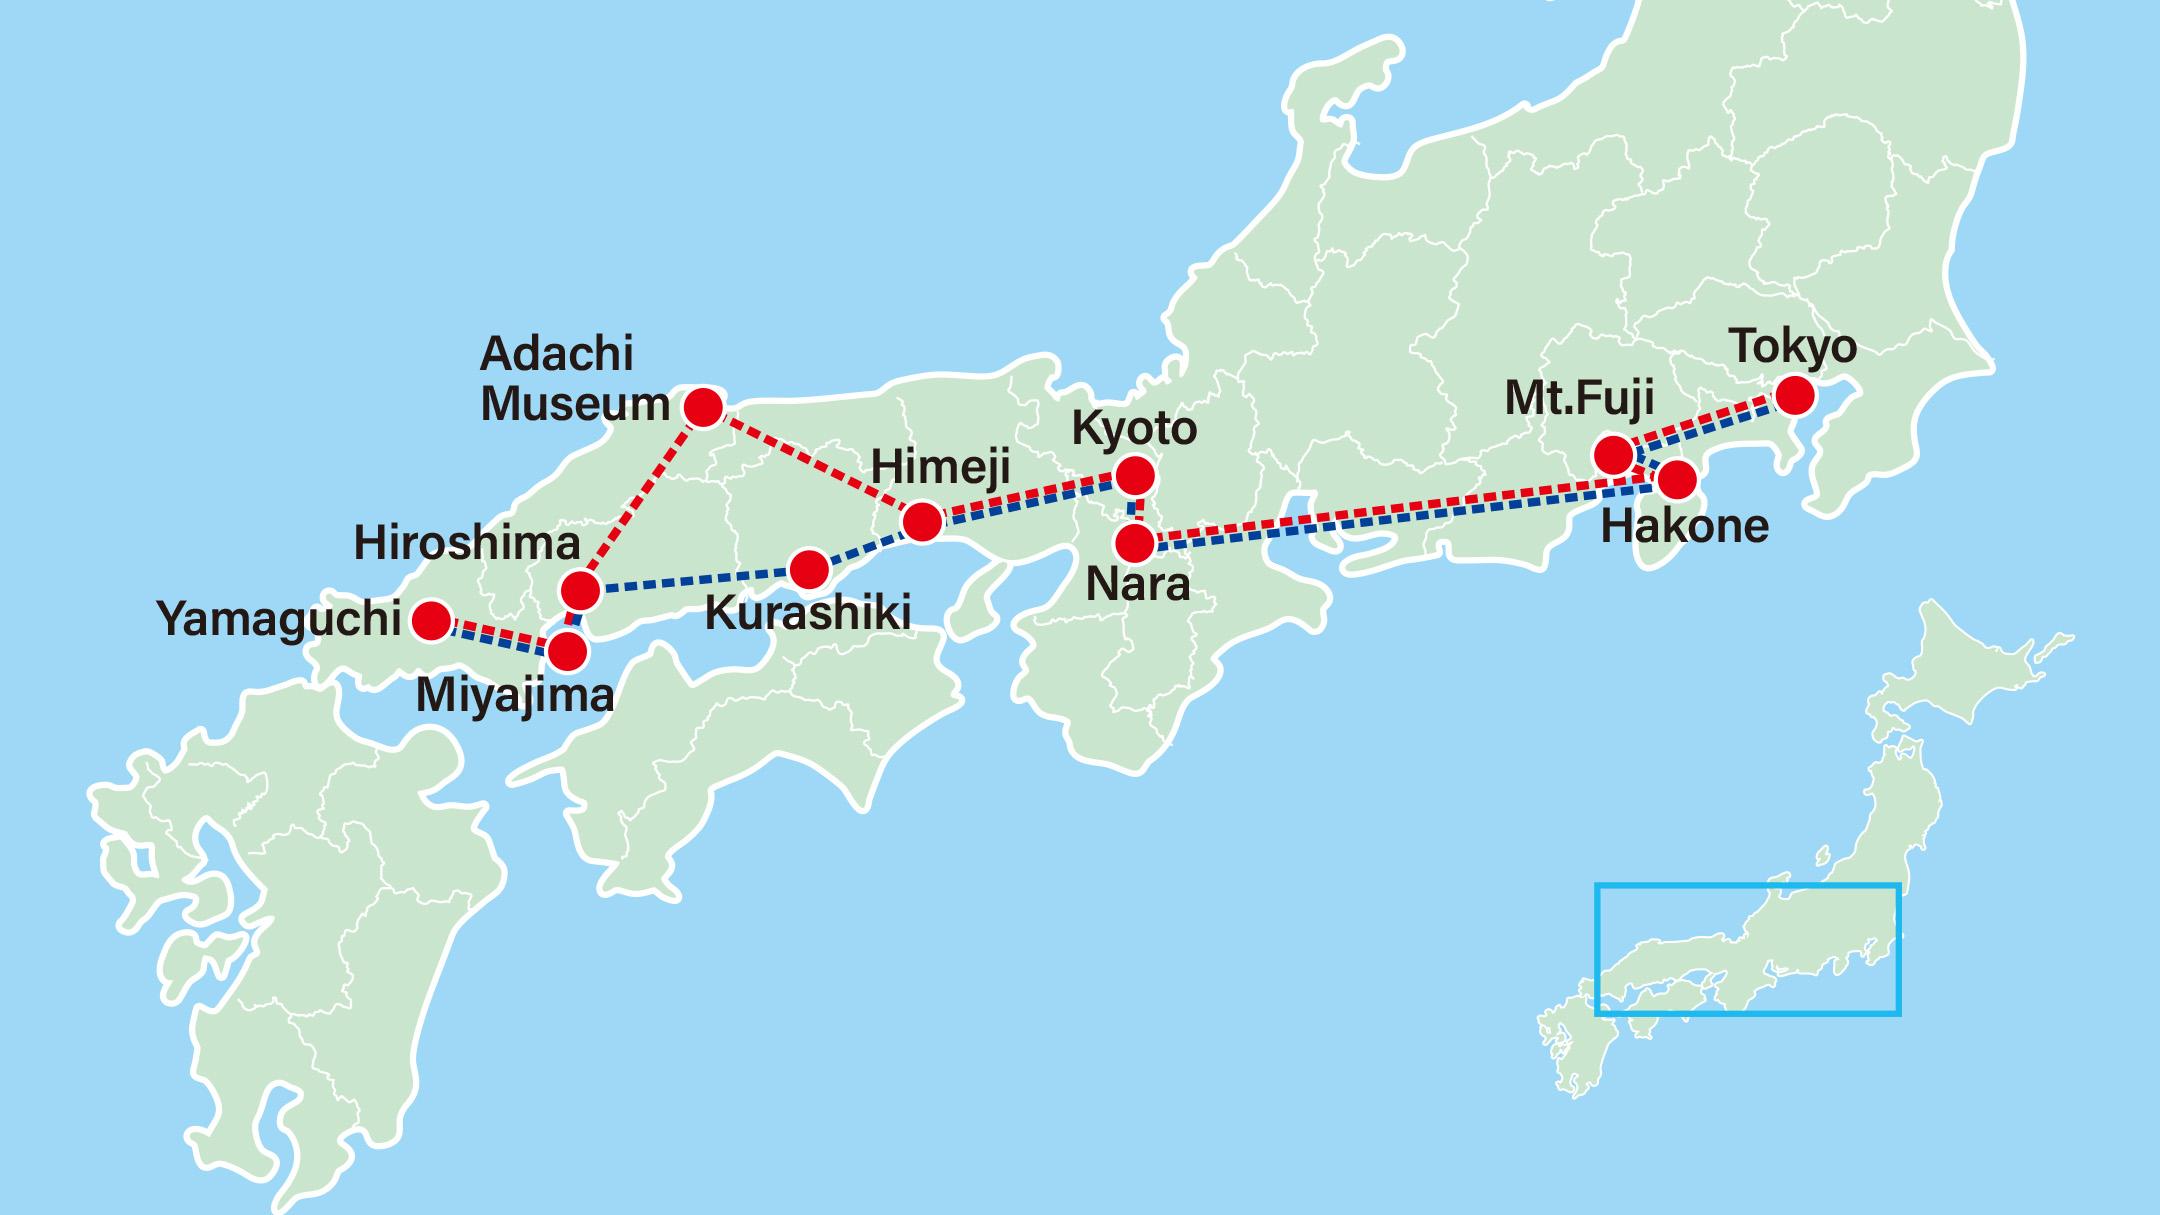 Japanese Ancestory Tour Yamaguchi Suo Oshima-Tokyo-Yokohama-Hakone-Kyoto-Nara-Himeji-Kurashiki-Hiroshima-Miyajima-Suo Island